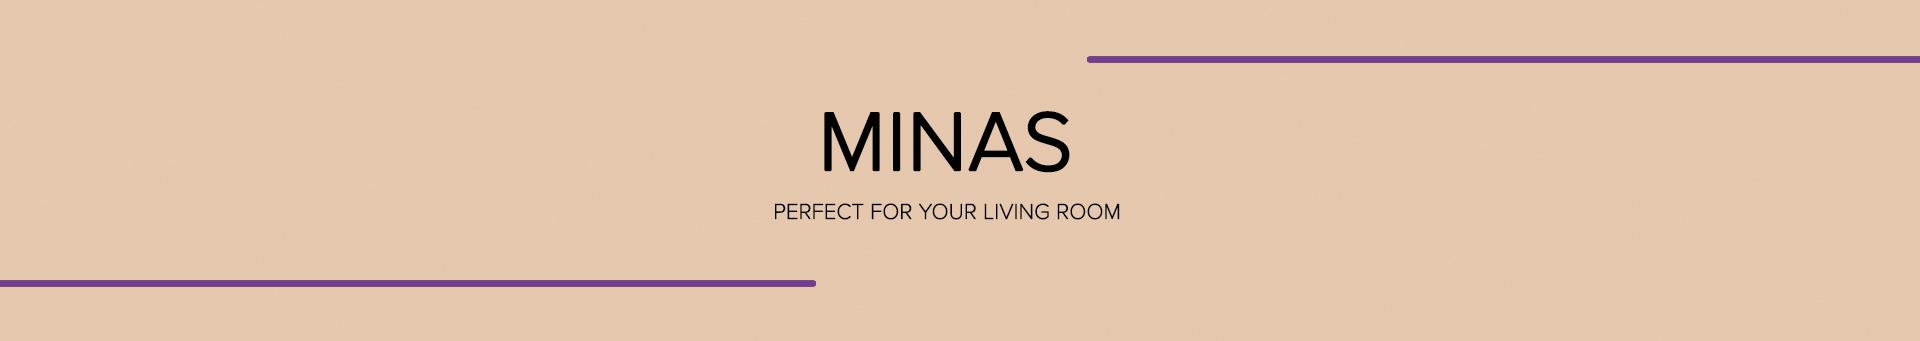 Minas TV Stand